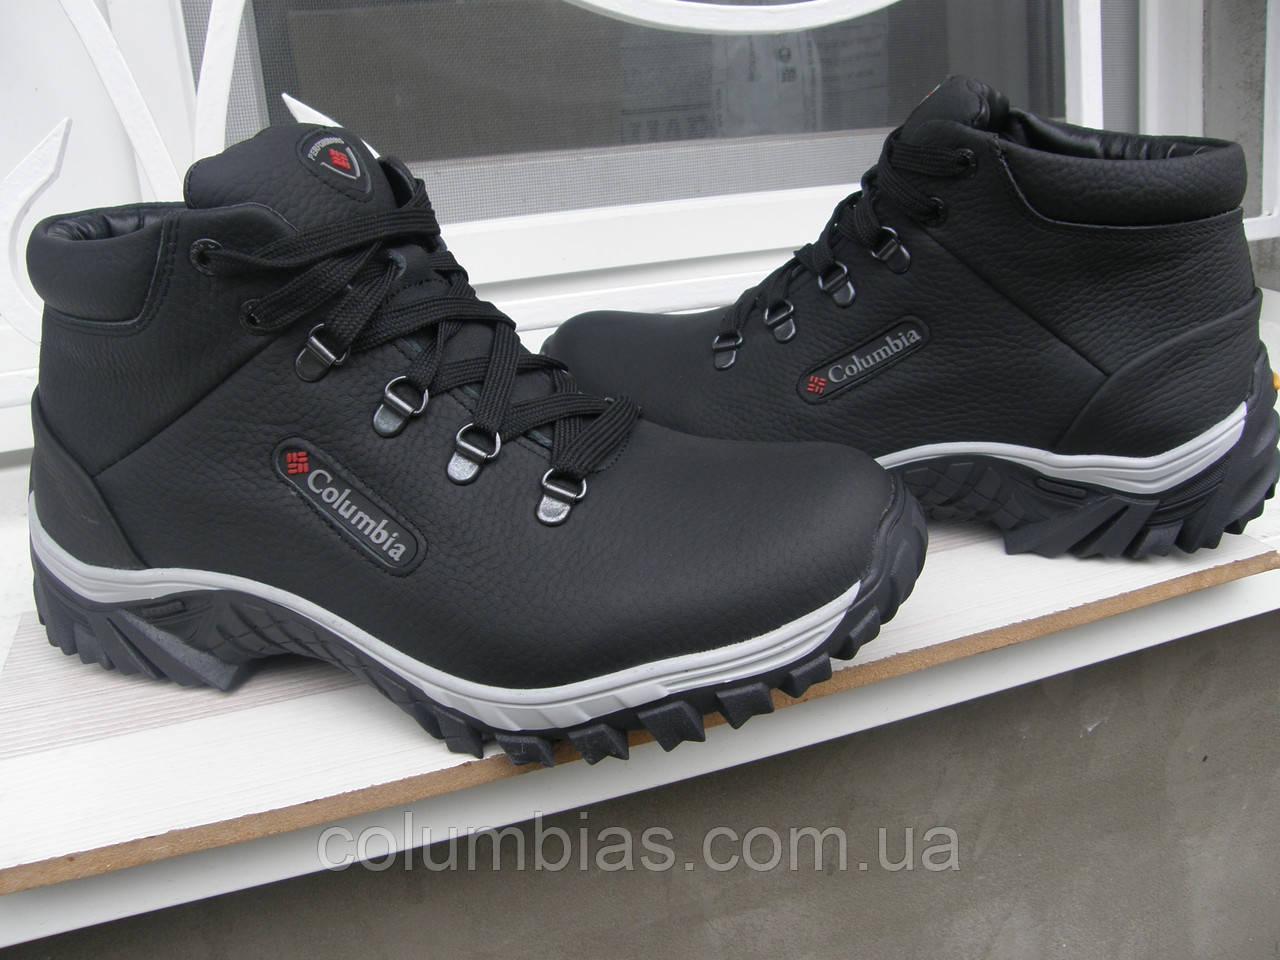 Обувь зима Collumbia  3944